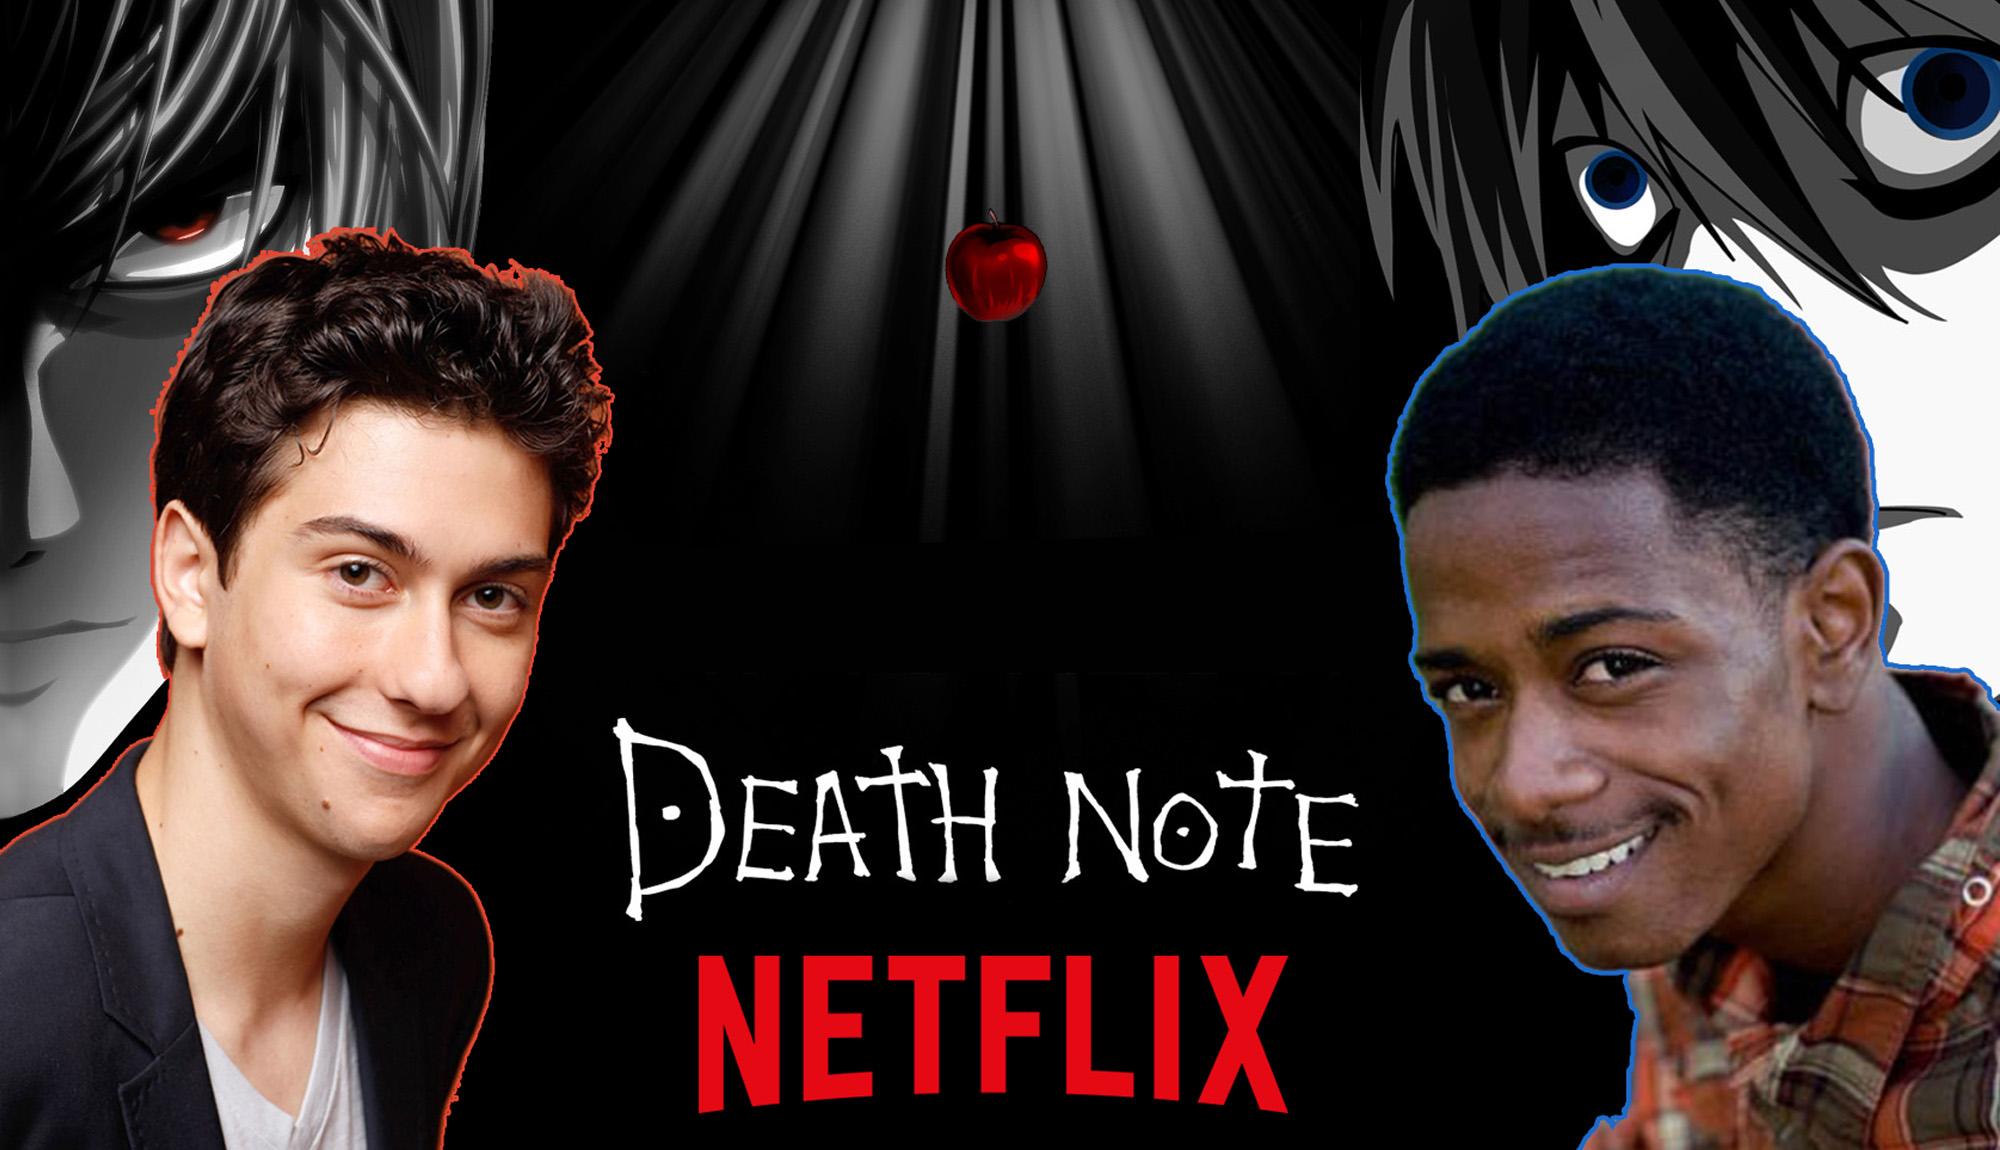 Death Note, Netflix Italia diffonde online il primo Teaser Trailer ufficiale